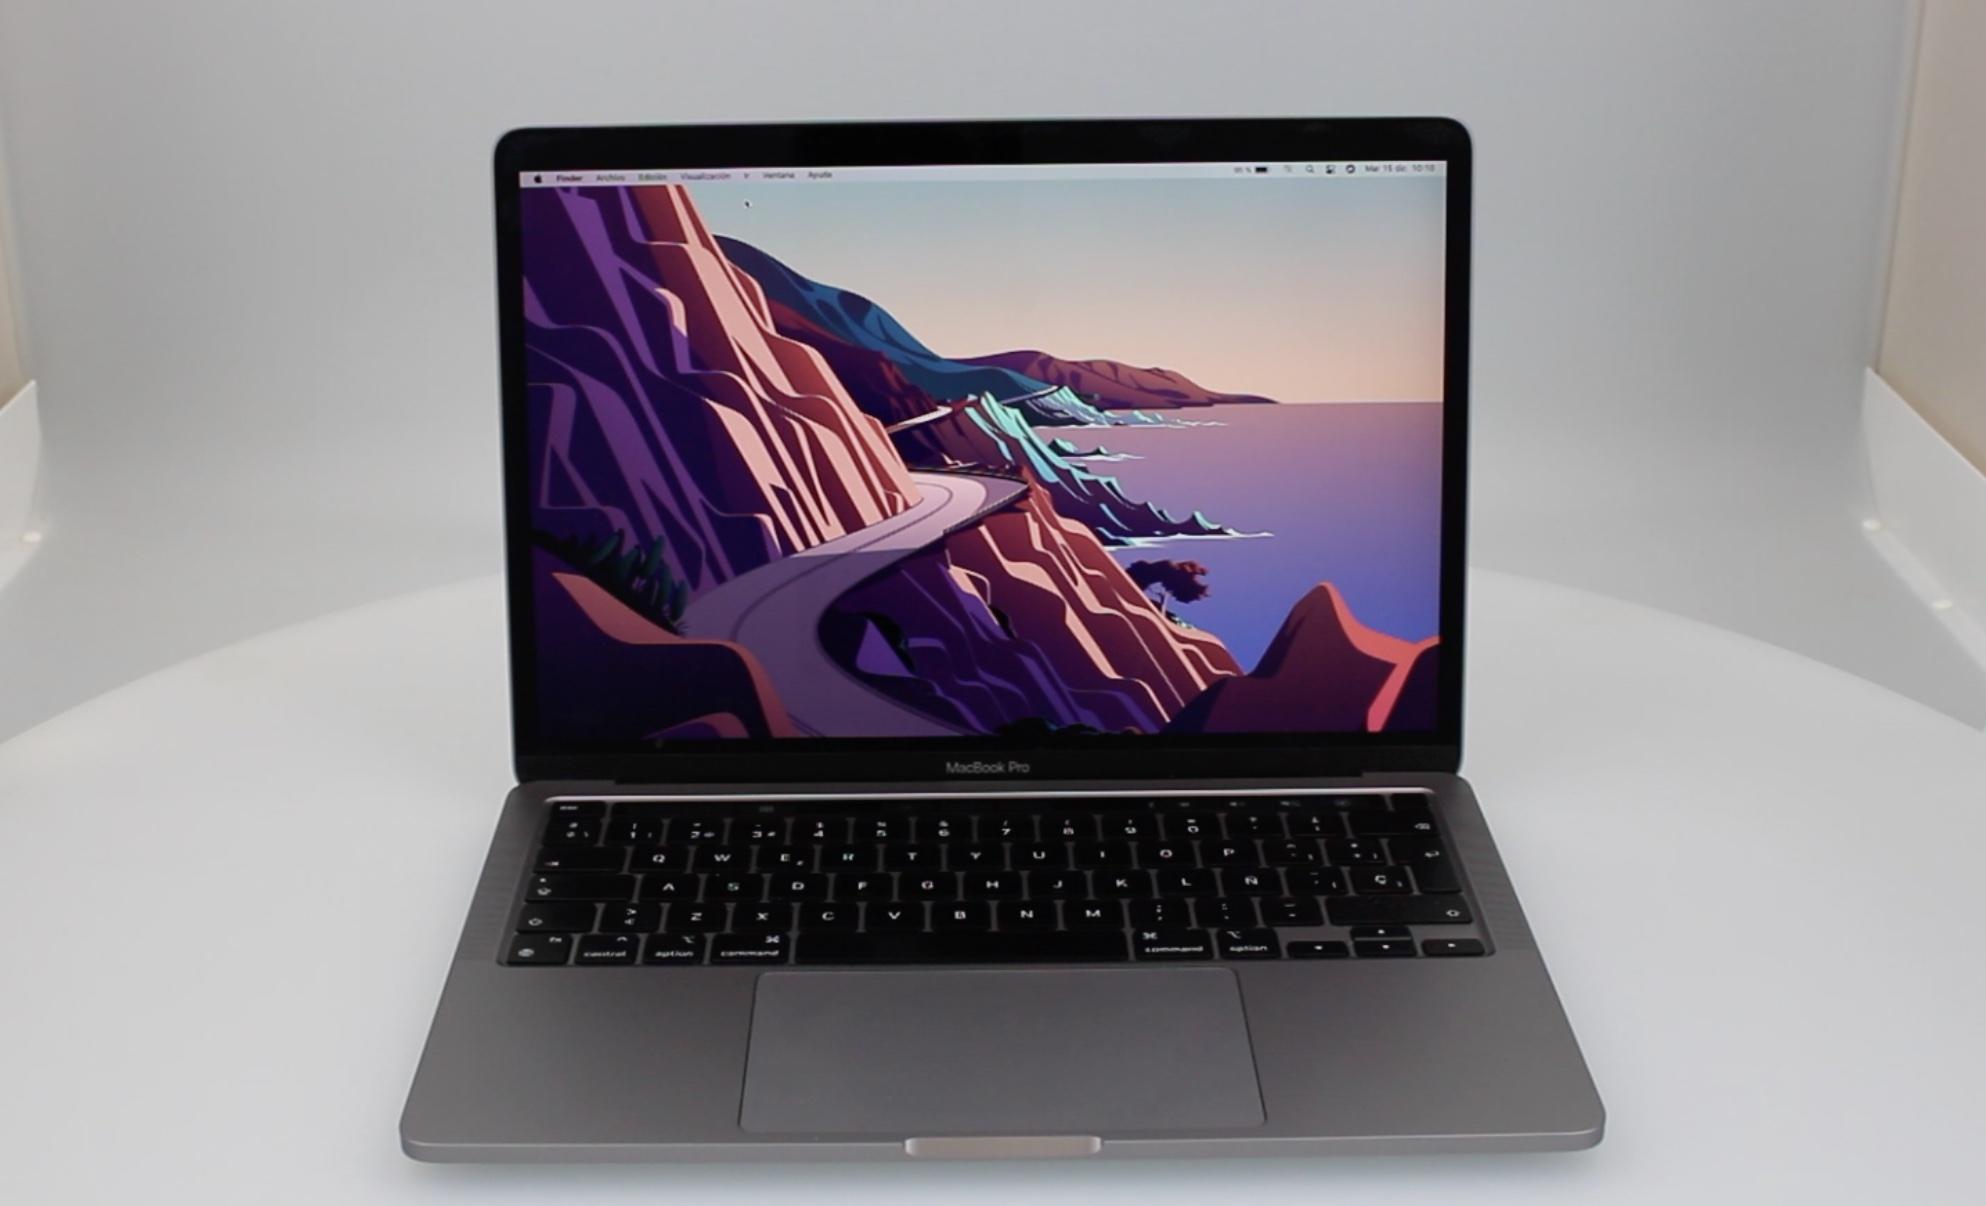 Ahora es el momento: el MacBook Pro con Chip M1 de Apple tiene 270 euros de descuento en Amazon